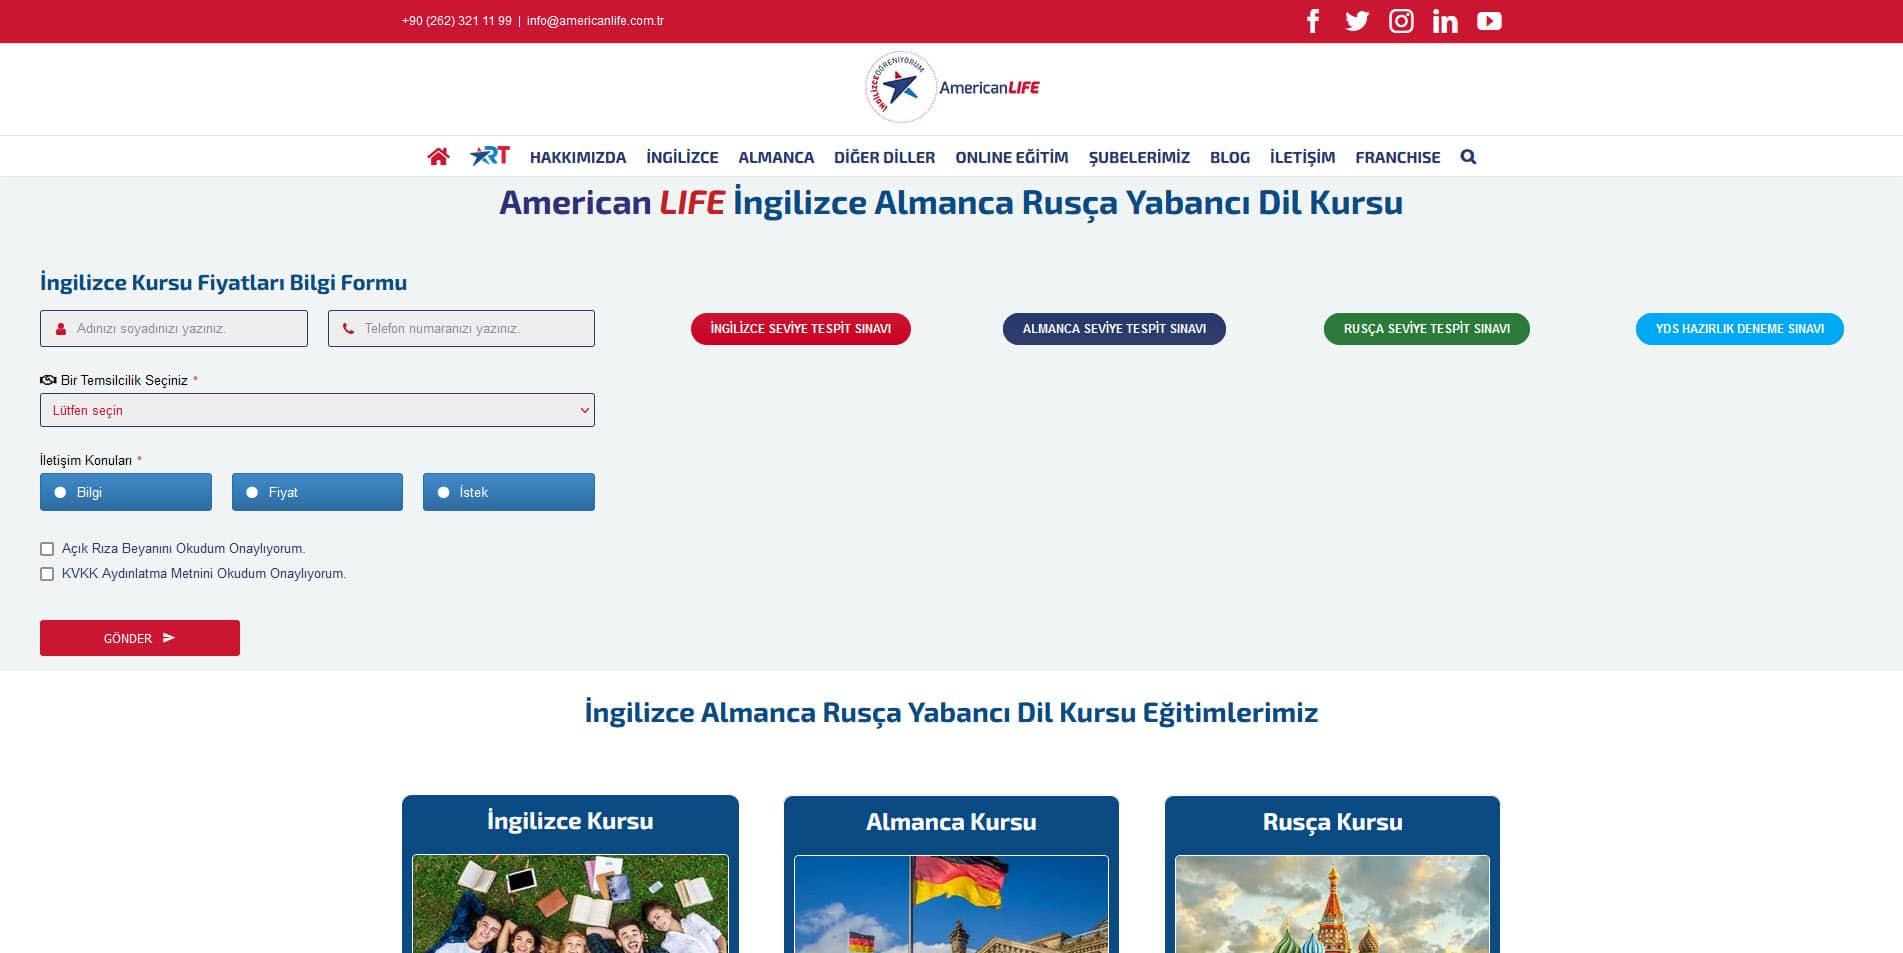 American LIFE Dil Okulları - Anasayfa